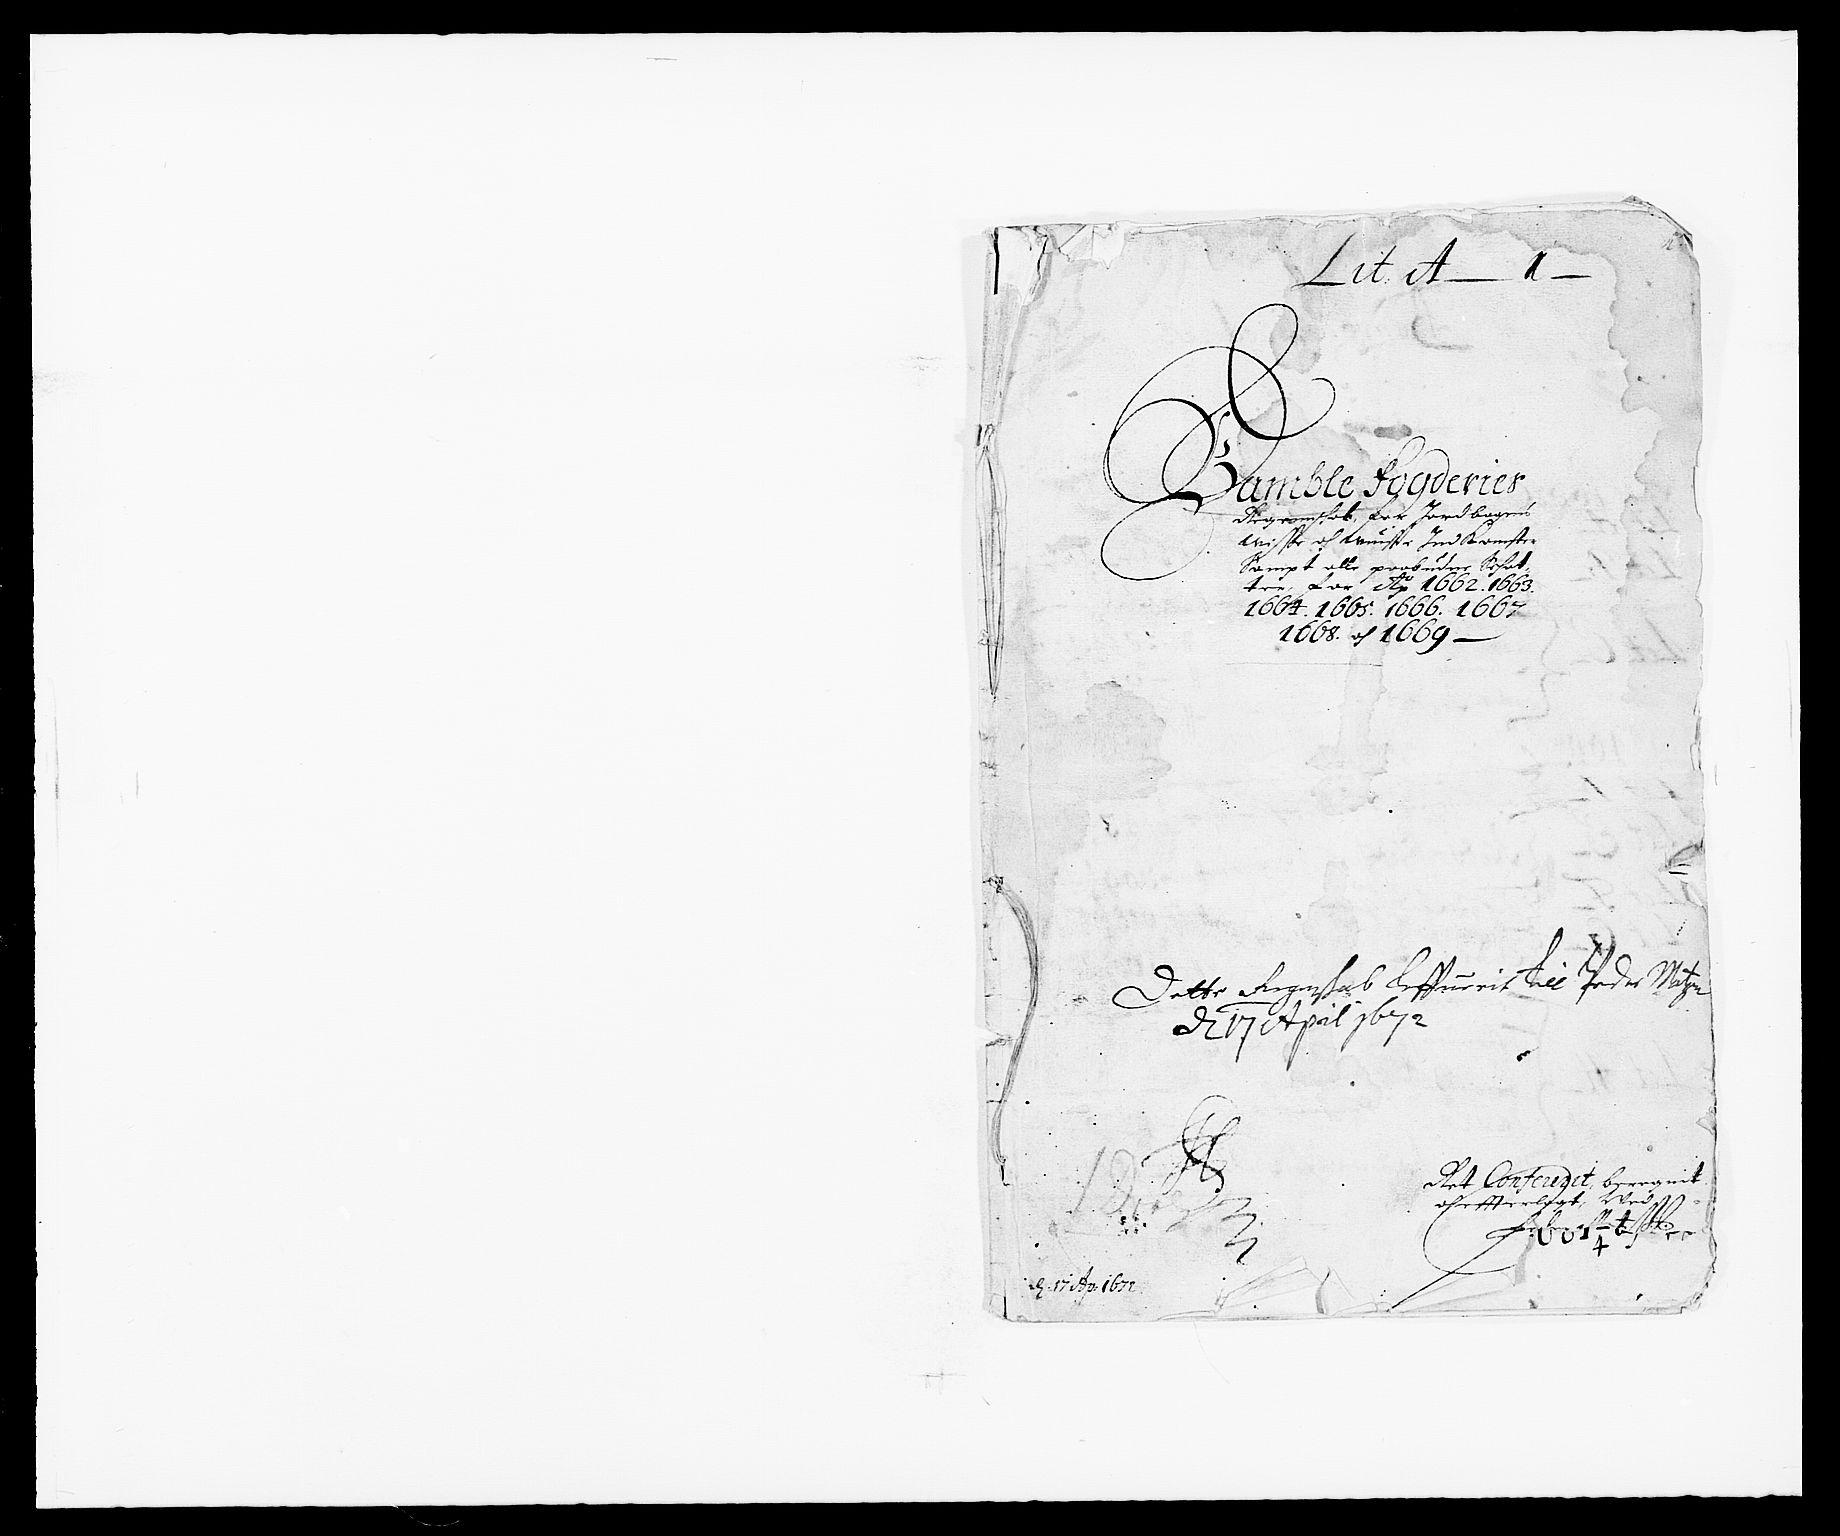 RA, Rentekammeret inntil 1814, Reviderte regnskaper, Fogderegnskap, R34/L2037: Fogderegnskap Bamble, 1662-1669, s. 1